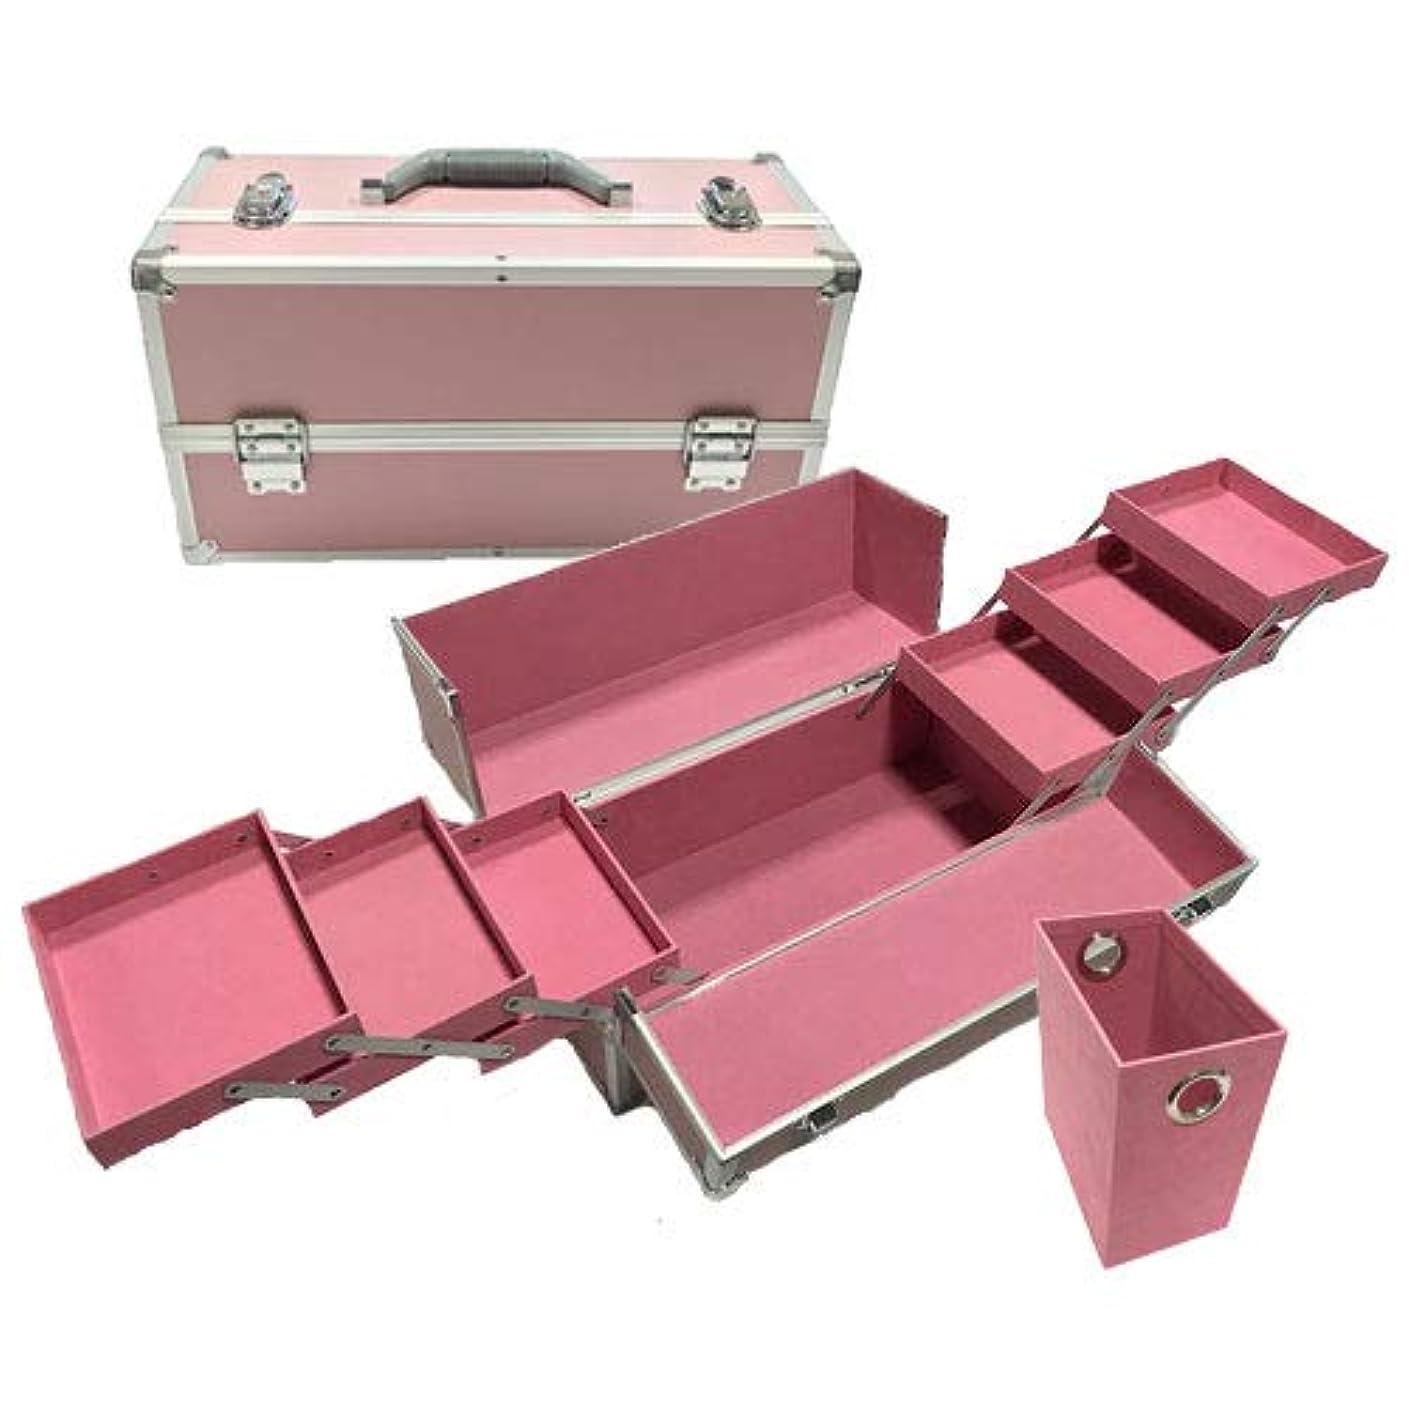 ミシン米ドル手紙を書くリライアブル コスメボックス ワイド RB203-PP 鍵付き プロ仕様 メイクボックス 大容量 化粧品収納 小物入れ 6段トレー ベロア メイクケース コスメBOX 持ち運び ネイルケース